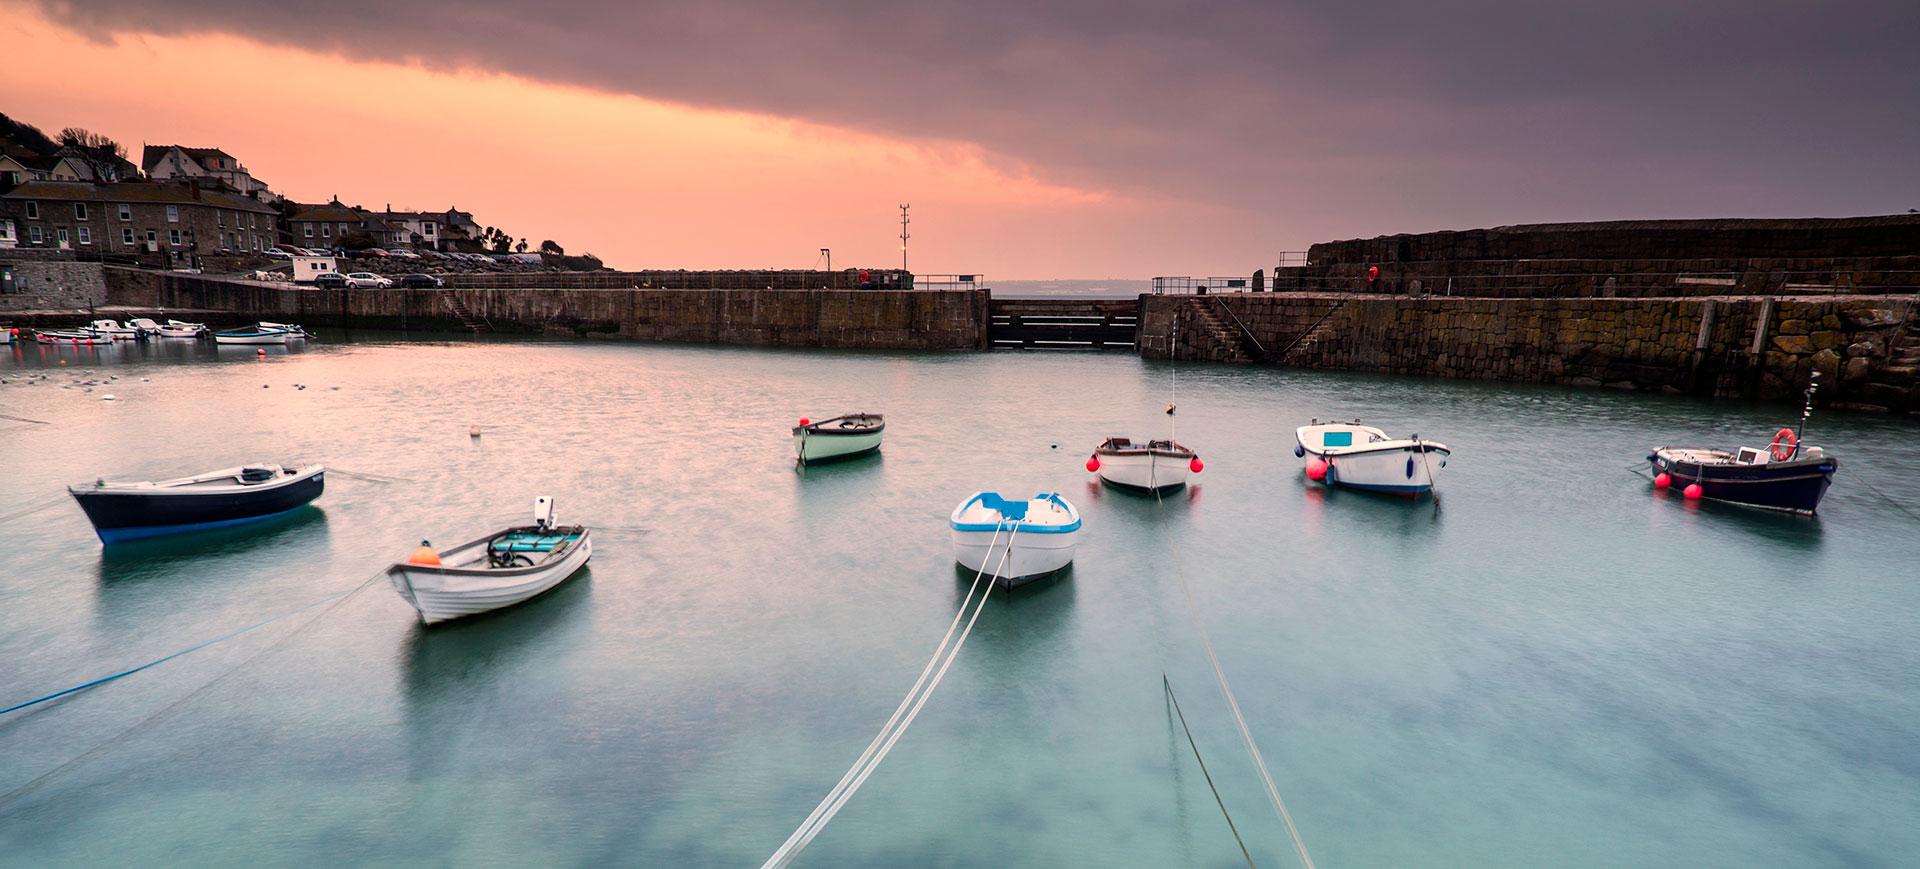 Porto Sicuro - Nuovi Orizzonti